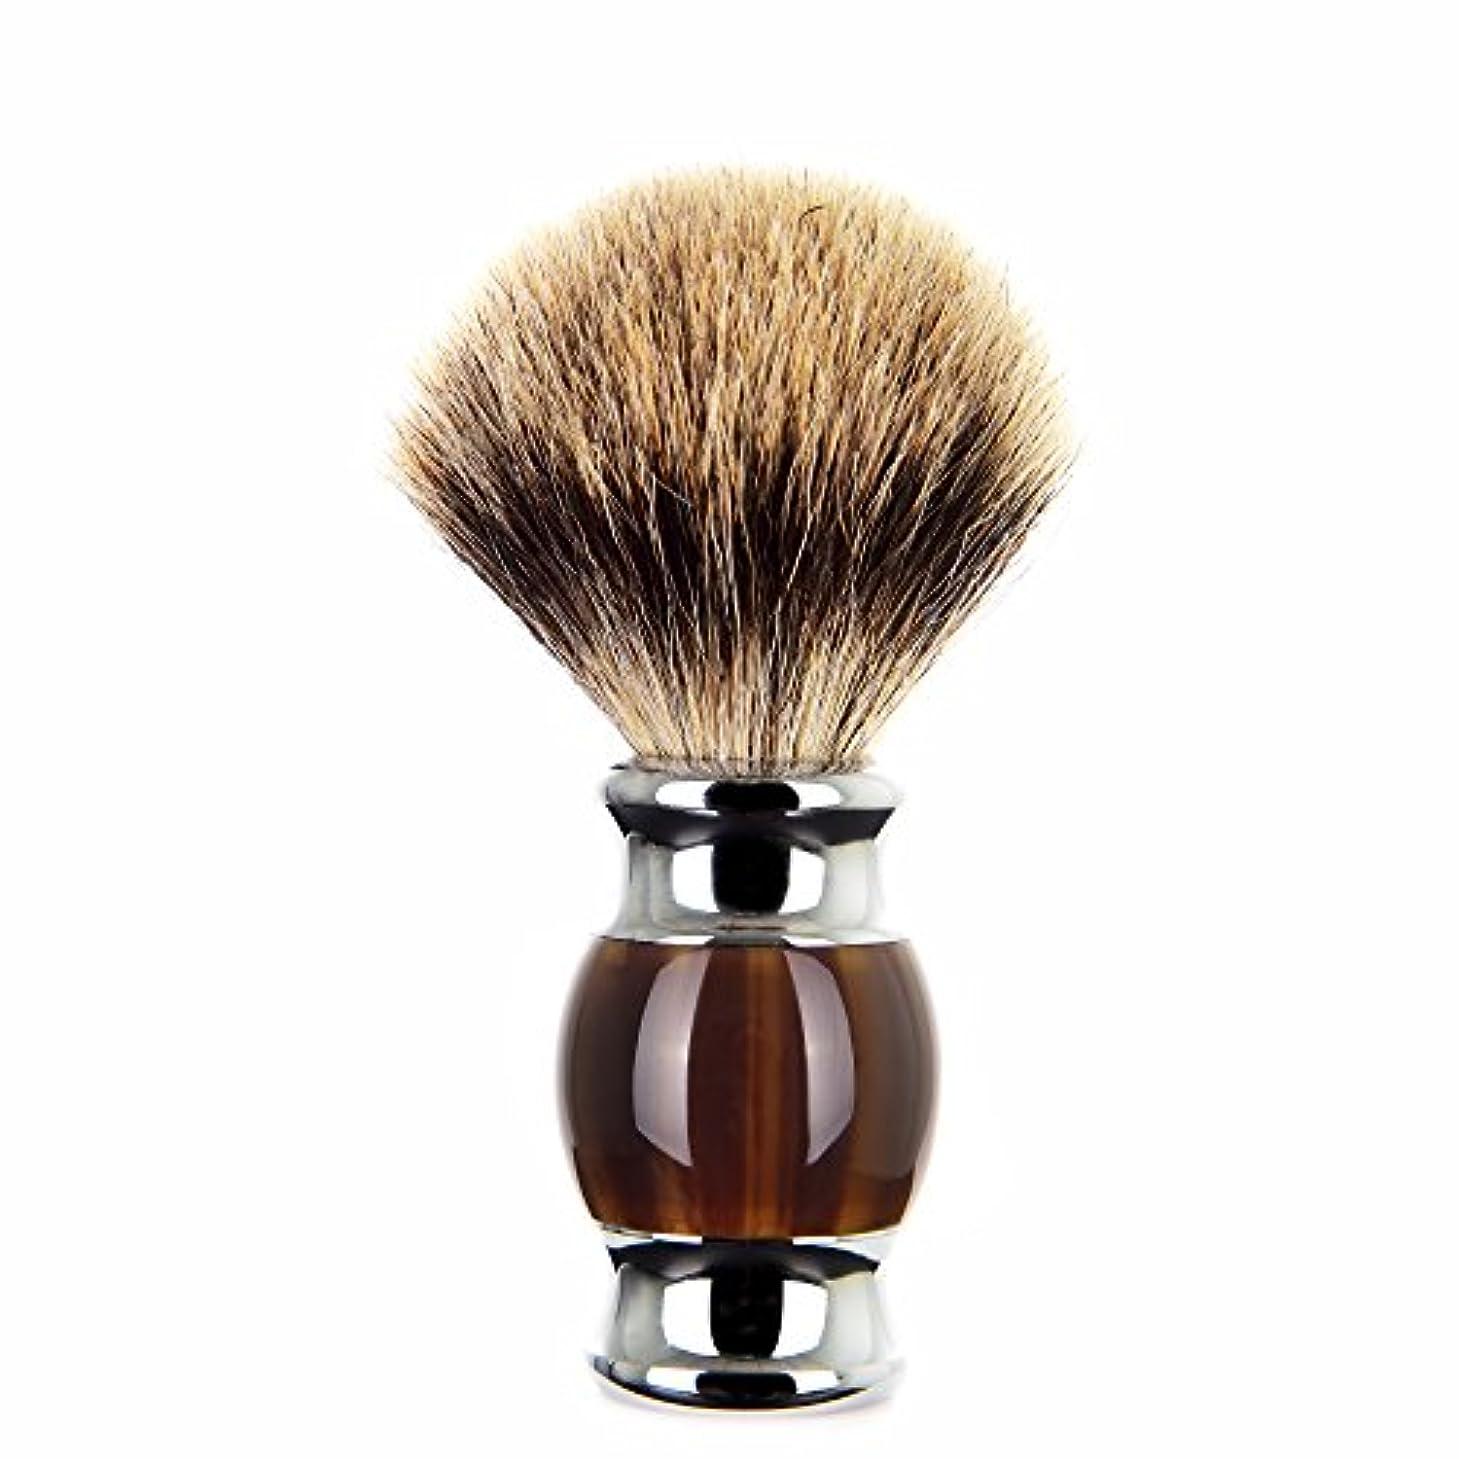 コンテンポラリー類似性類似性Edow シェービングブラシ高級silvertipアナグマ シェービング 任意 方法 用 重い合金基材と人間工学的ハンドル 備えたブラシ毛。